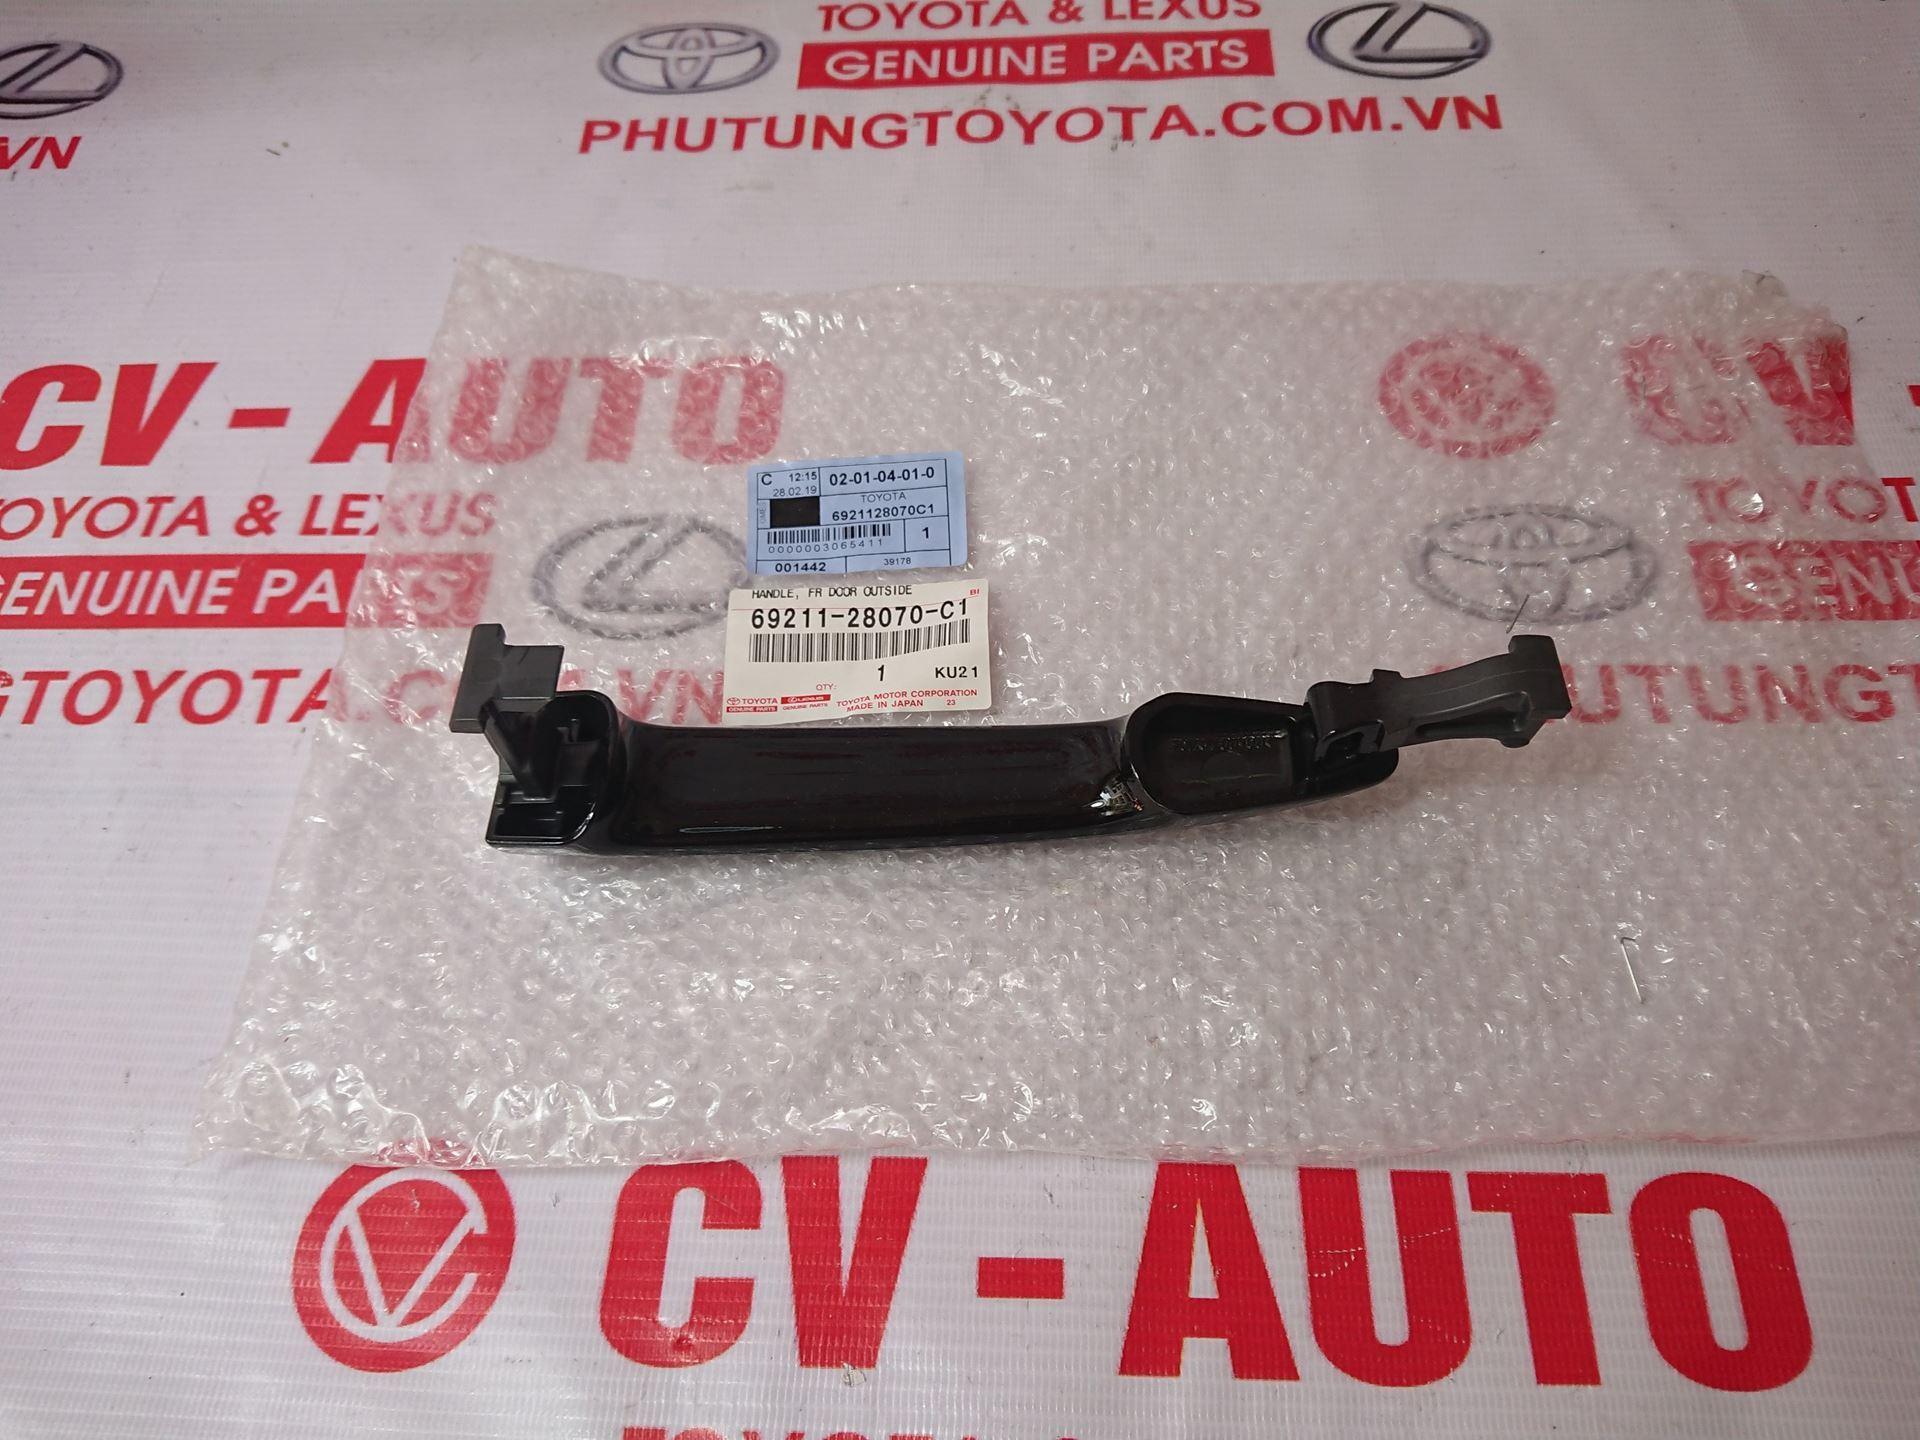 Picture of 69211-28070-C1                                                                                                                                                                                                                                                                                         Tay mở cửa ngoài Toyota Camry Mỹ, Prado, GX470 giá tốt